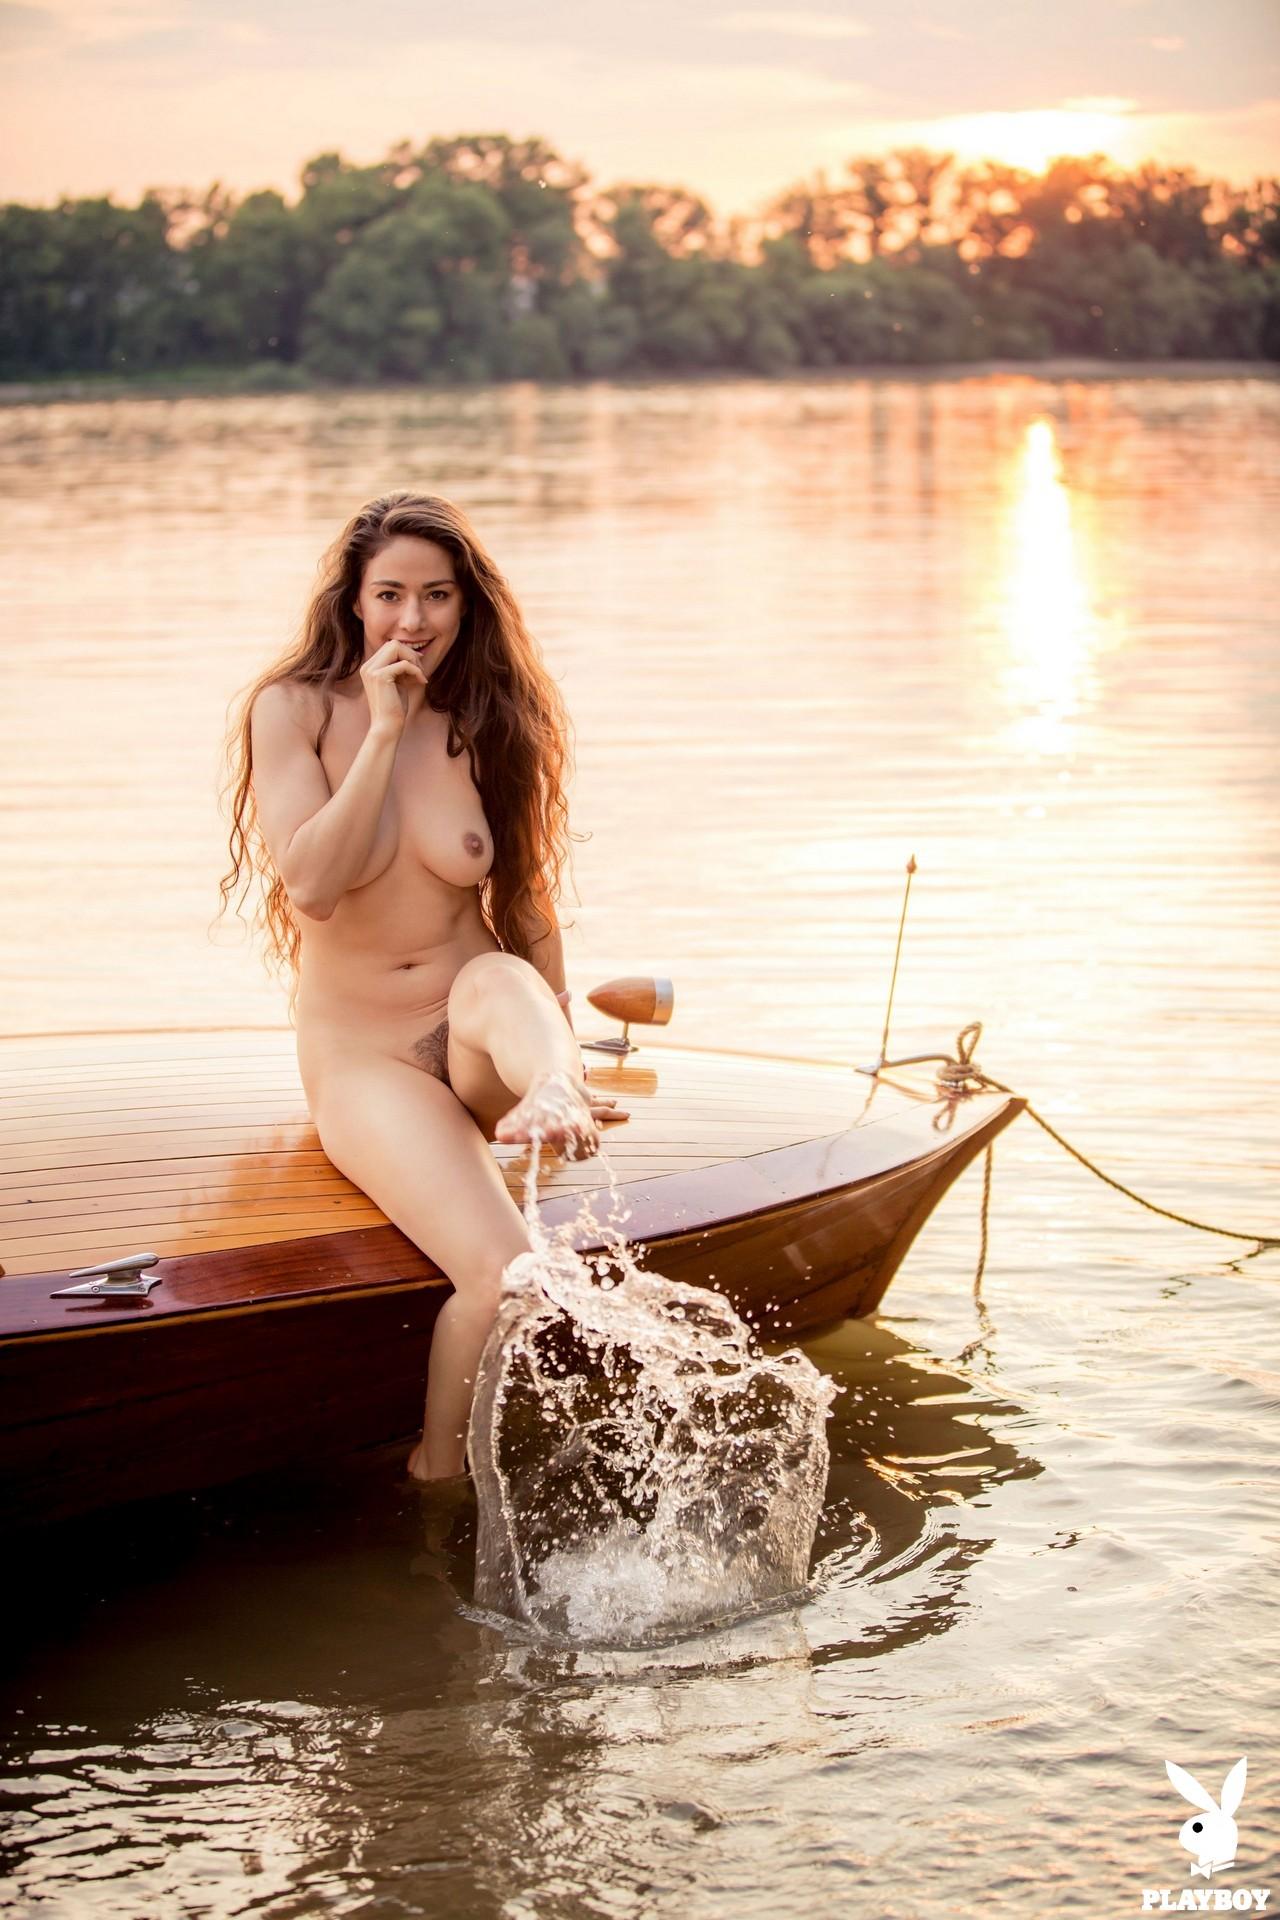 Joy Draiki in Sensational Voyage - Playboy Plus 38